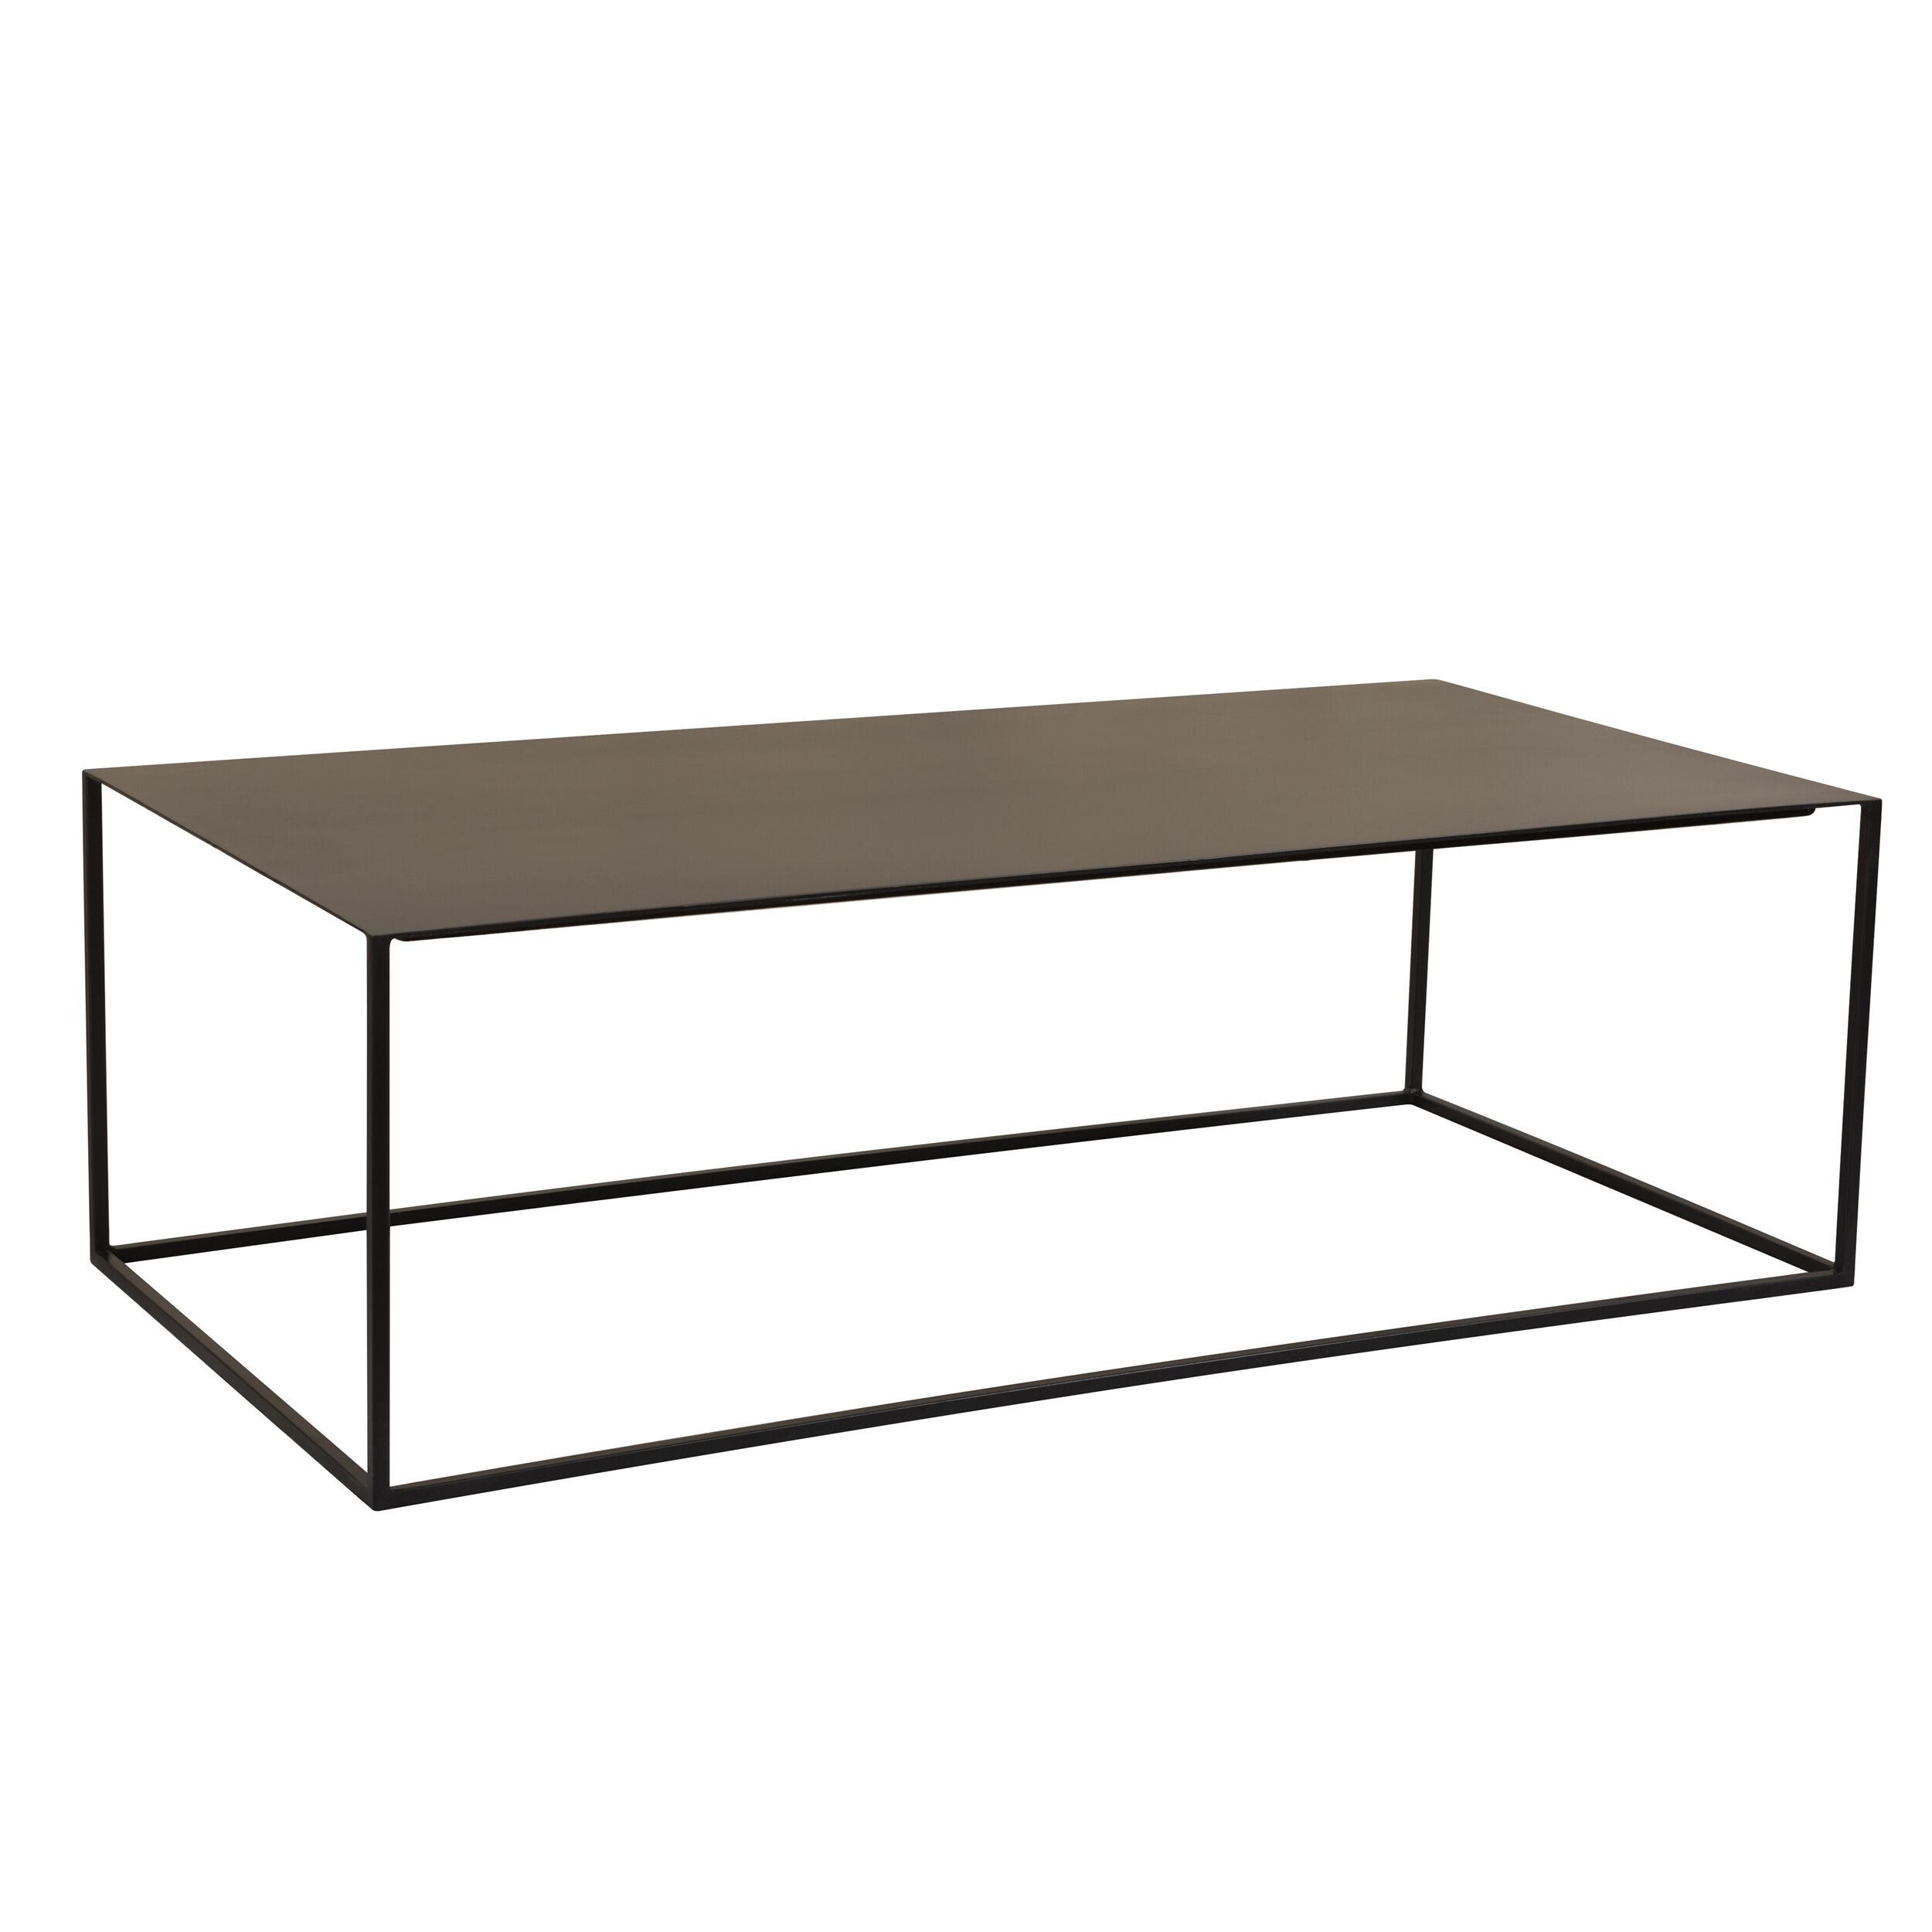 Rendez vous déco Table basse rectangulaire en métal noir